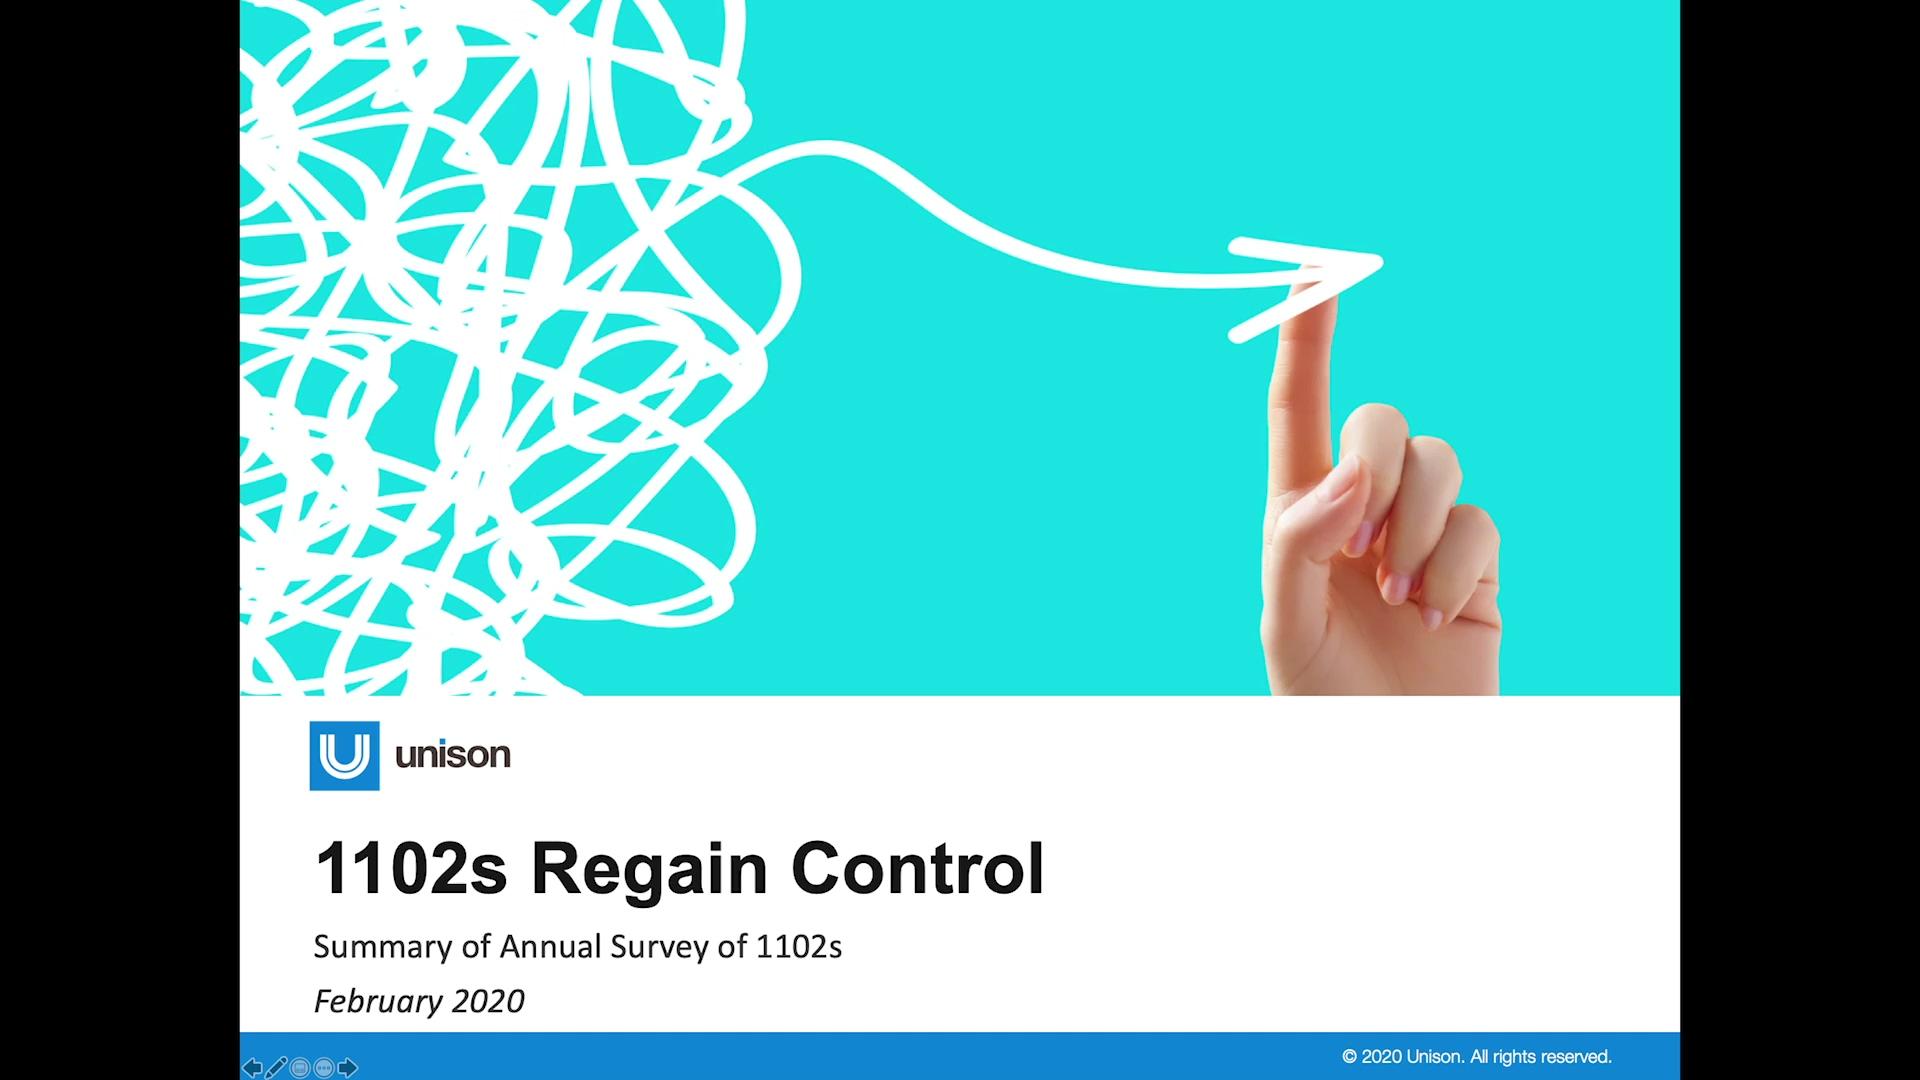 Regain Control Part 2